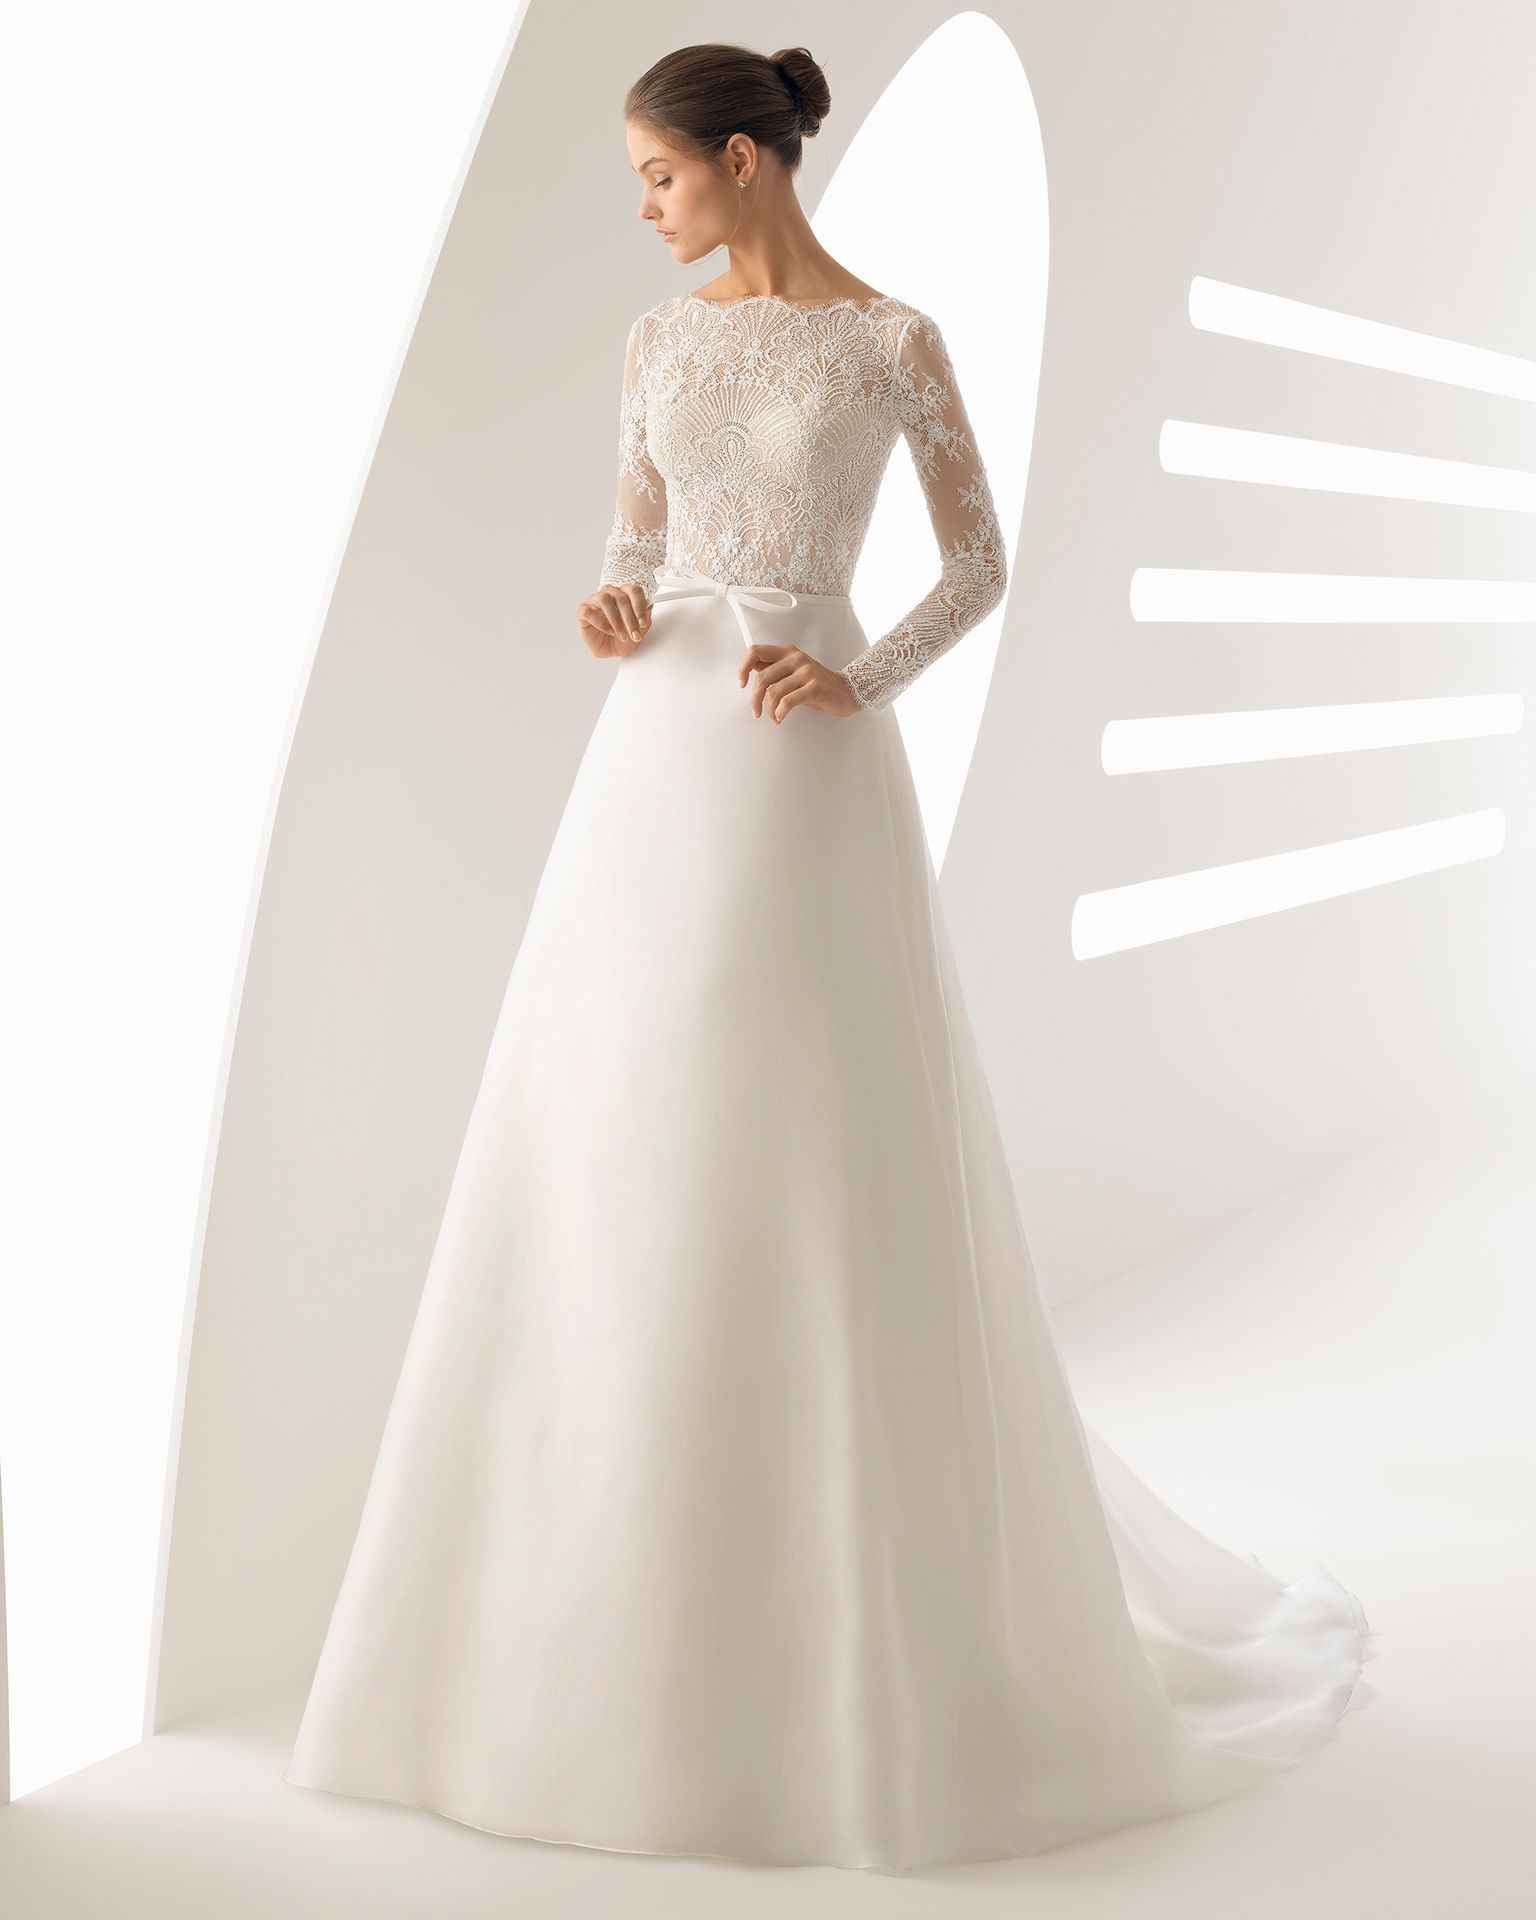 ANOUK - Hochzeit 2018. Rosa Clará Kollektion | Pinterest ...